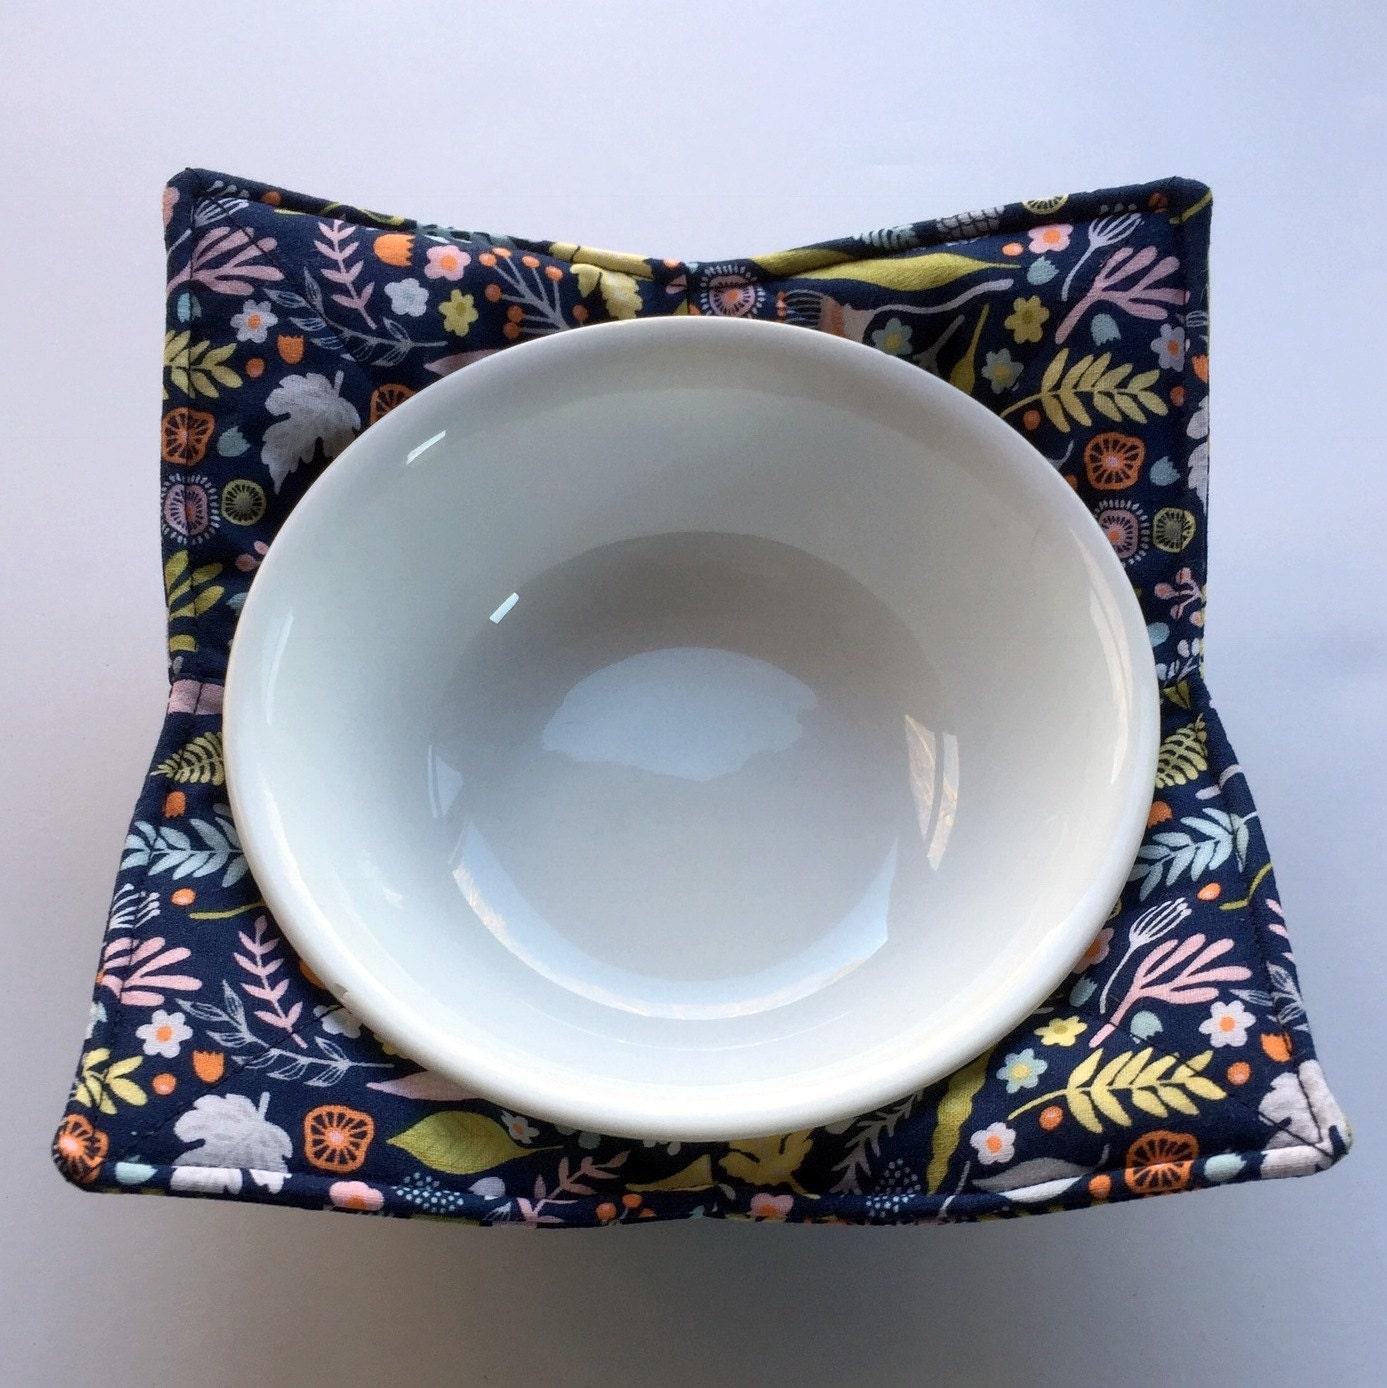 Bowl Pot Holder: Flower Kitchen Utensil Pot Holder Microwave Bowl Cozy